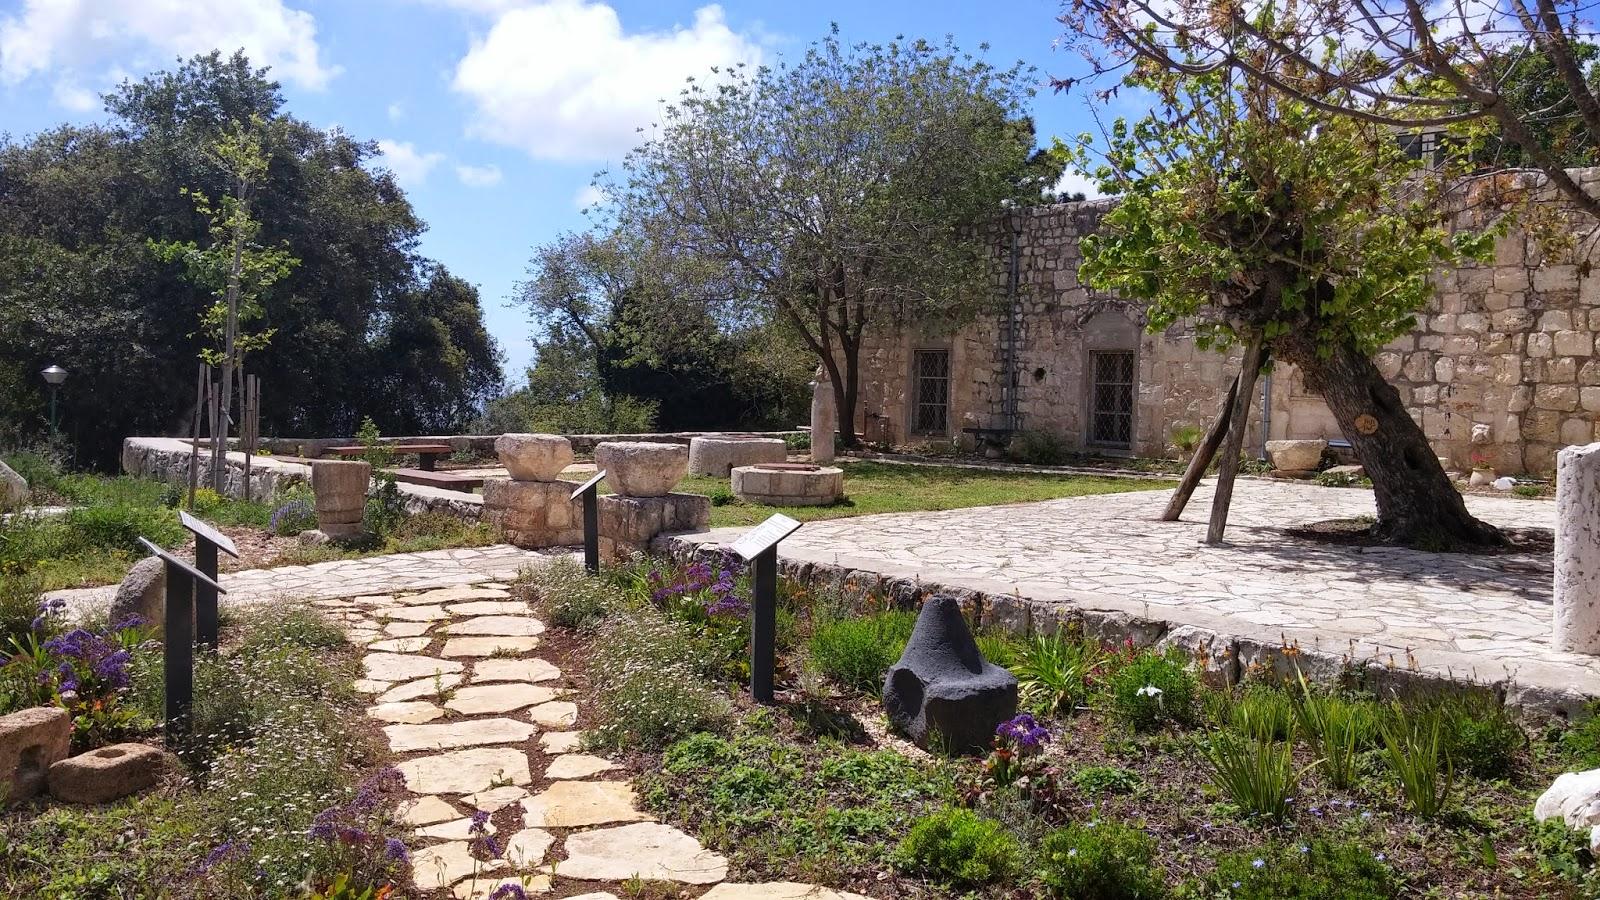 מוזיאון חניתה, קיבוץ חניתה, חומה ומגדל, גליל מערבי, הדרכות, מסלולים